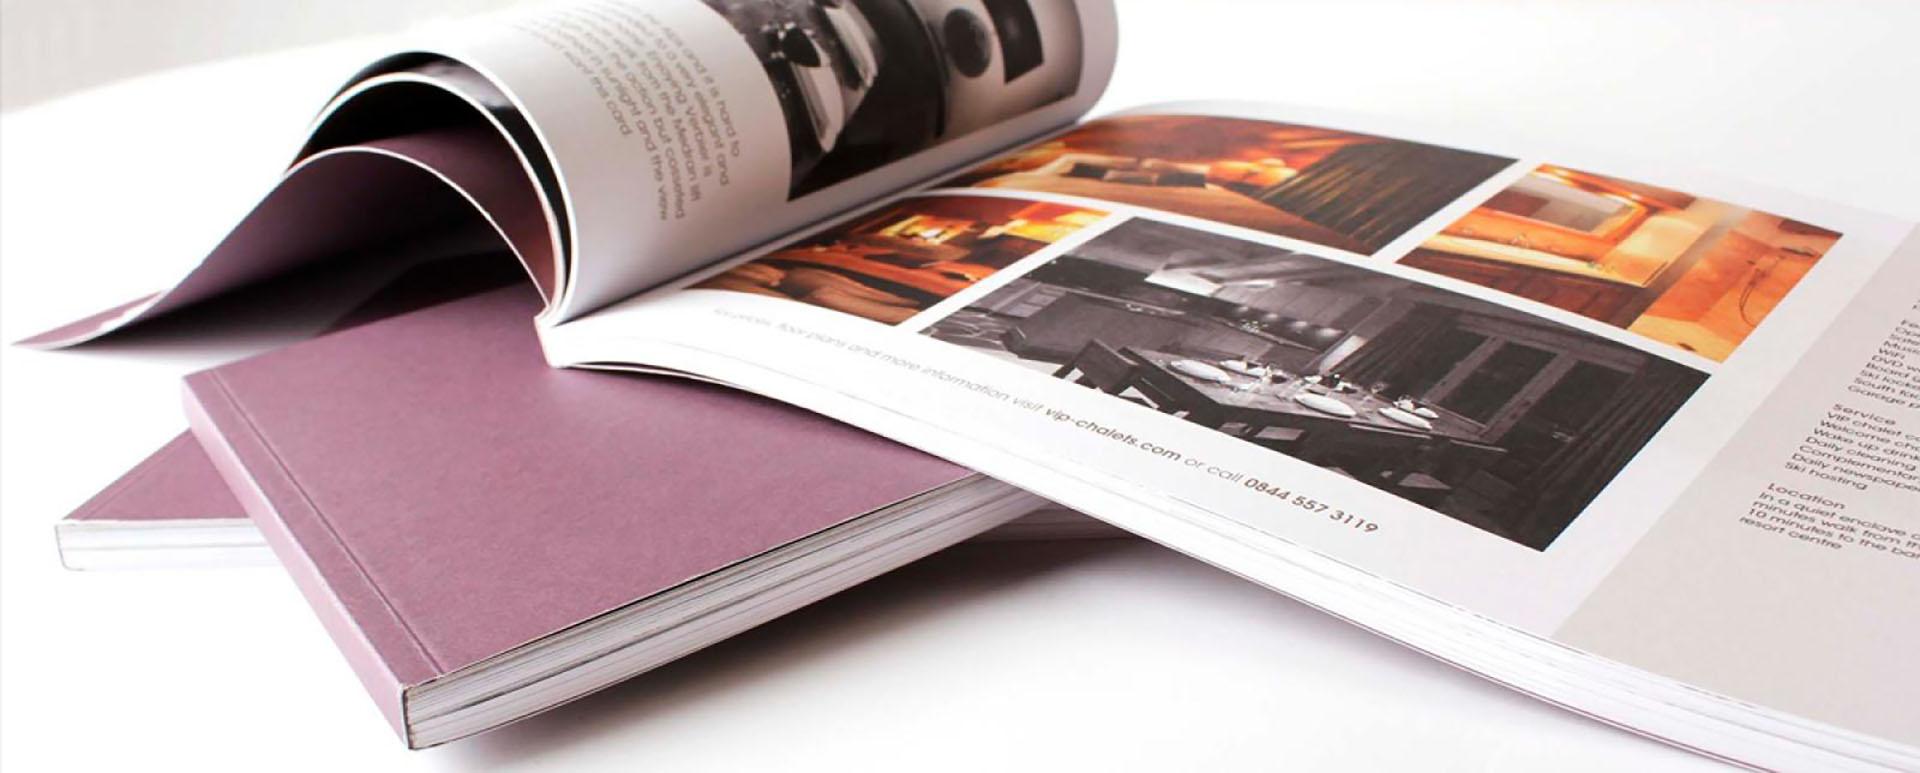 9f05961030267a4 Печать каталогов - цены в Москве | Цифровая типография HQprint